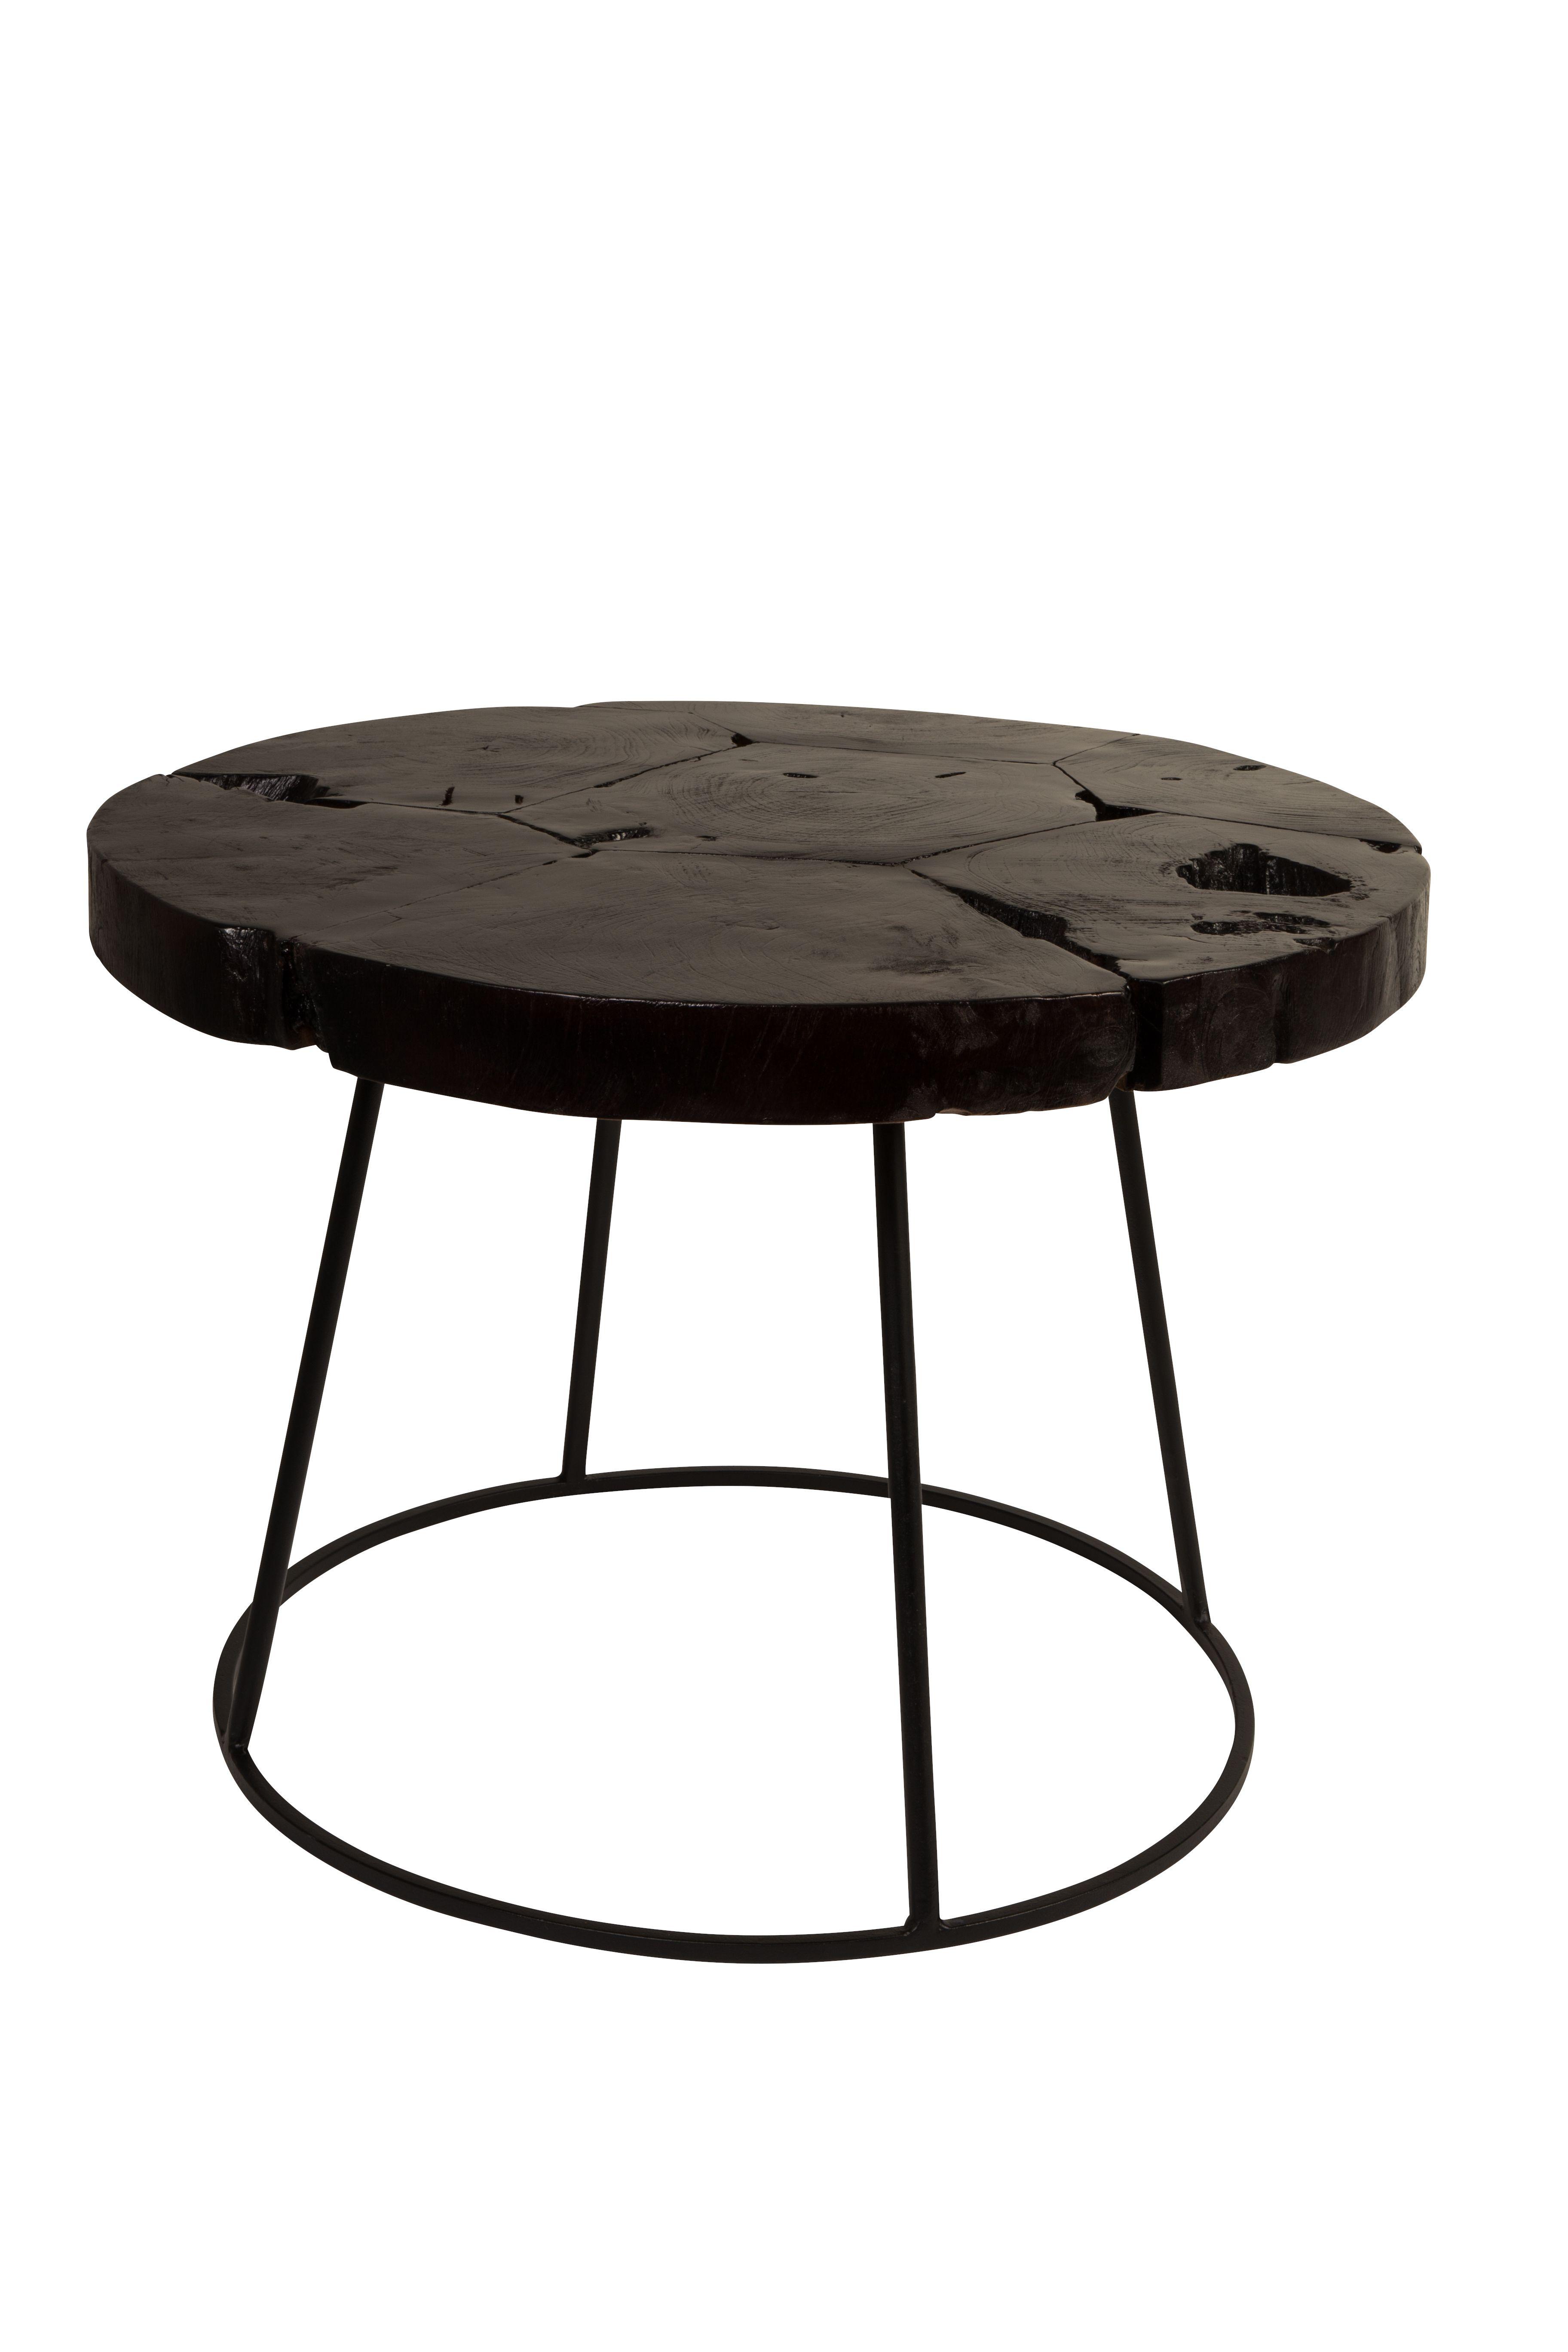 Nieuwe Side Table.Kraton Side Table Tables In 2019 Bijzettafeltjes